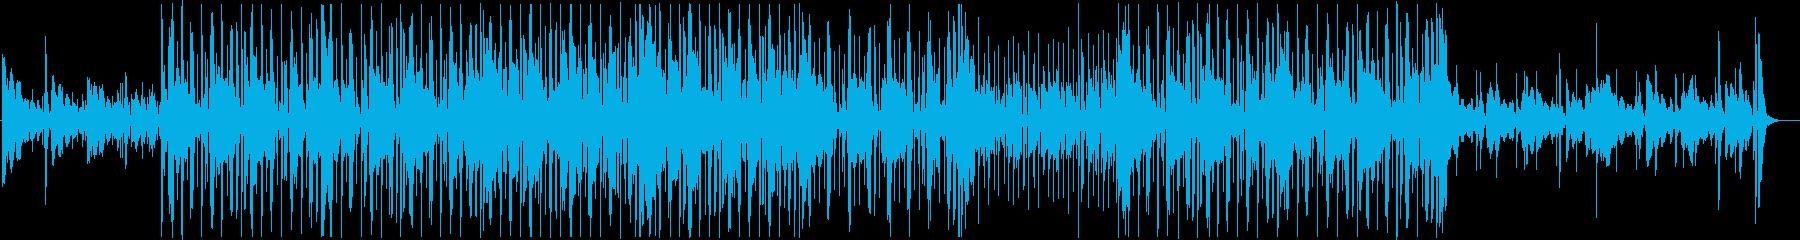 [モダン]Chill HipHopの再生済みの波形